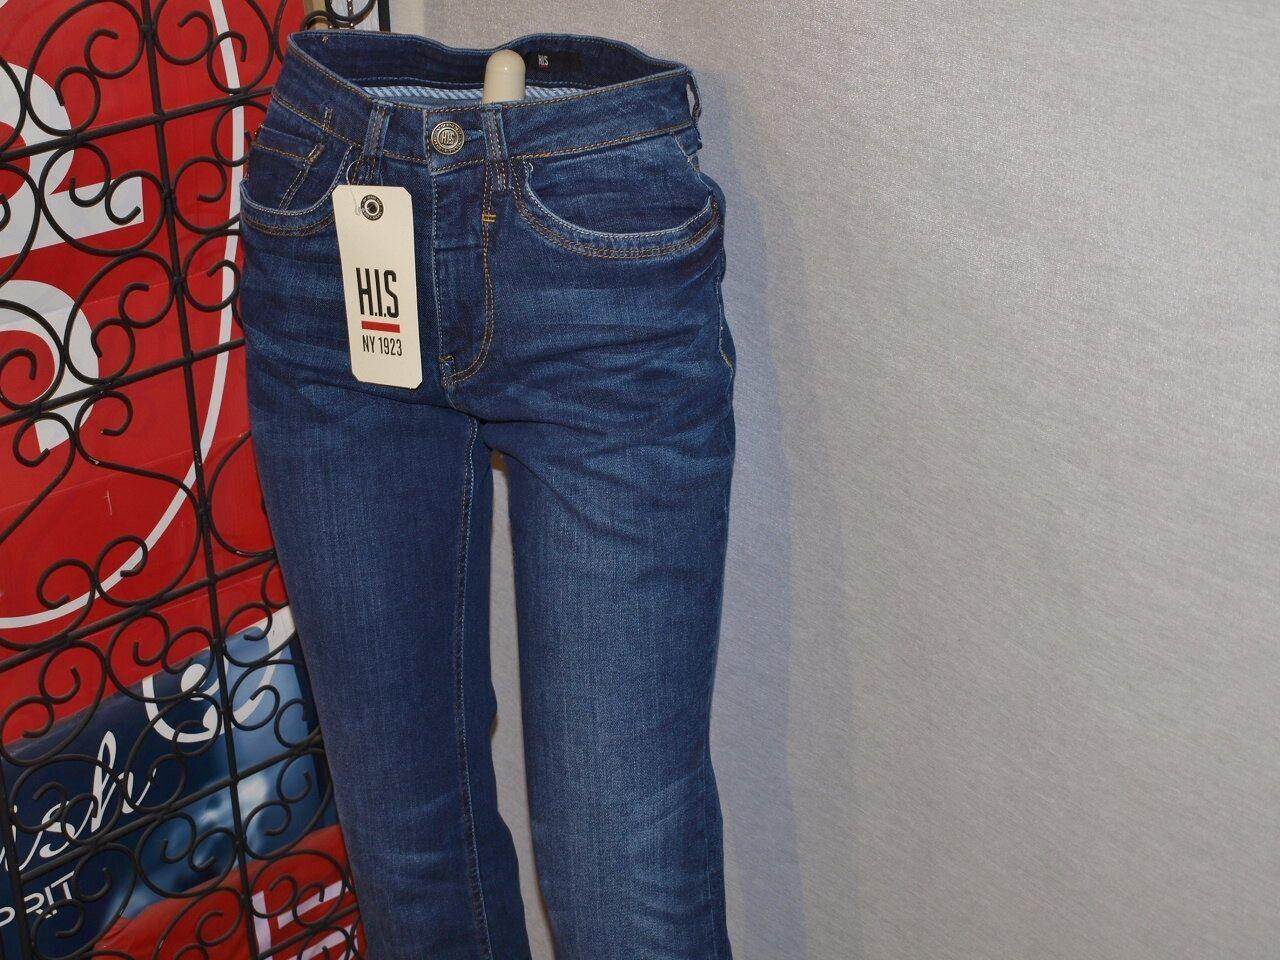 H.I.S Jeans Straight Leg Leg Leg Jeans HIS-142-10-789 Coletta.,(dark mizzle Blau)   Die Farbe ist sehr auffällig    Spielzeugwelt, glücklich und grenzenlos    Praktisch Und Wirtschaftlich    Innovation    Spaß  053b89